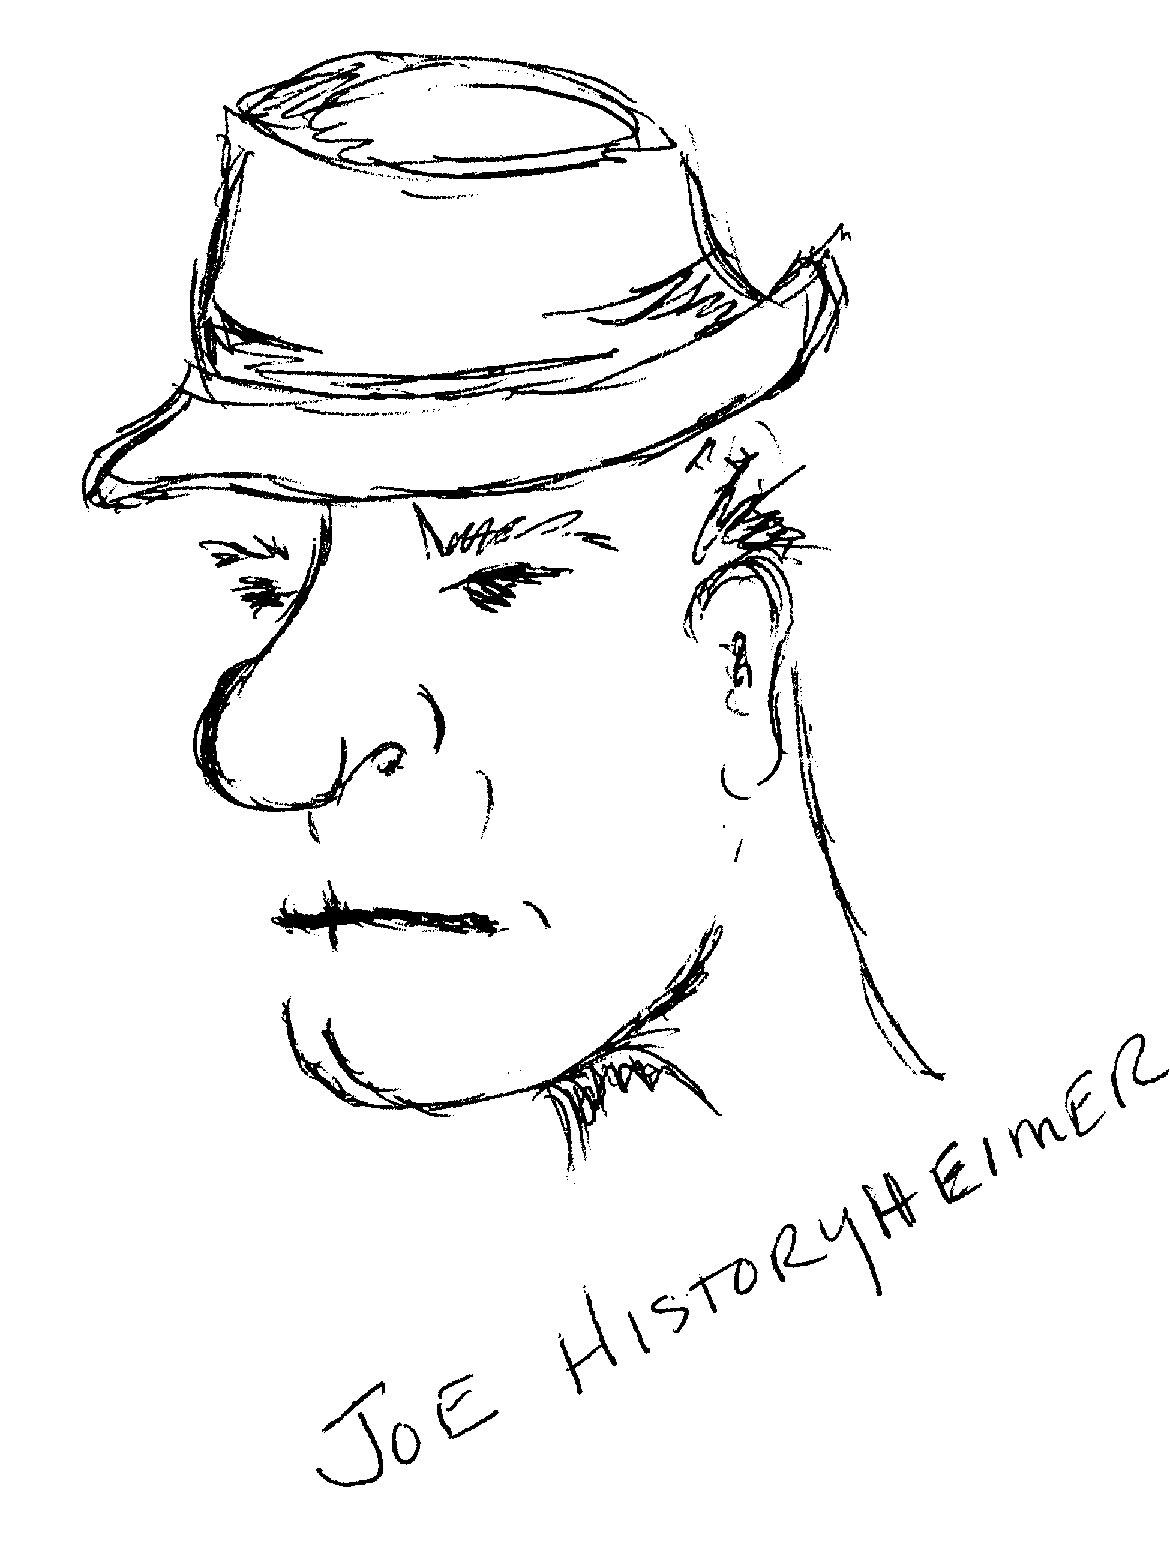 Joe Historyheimer